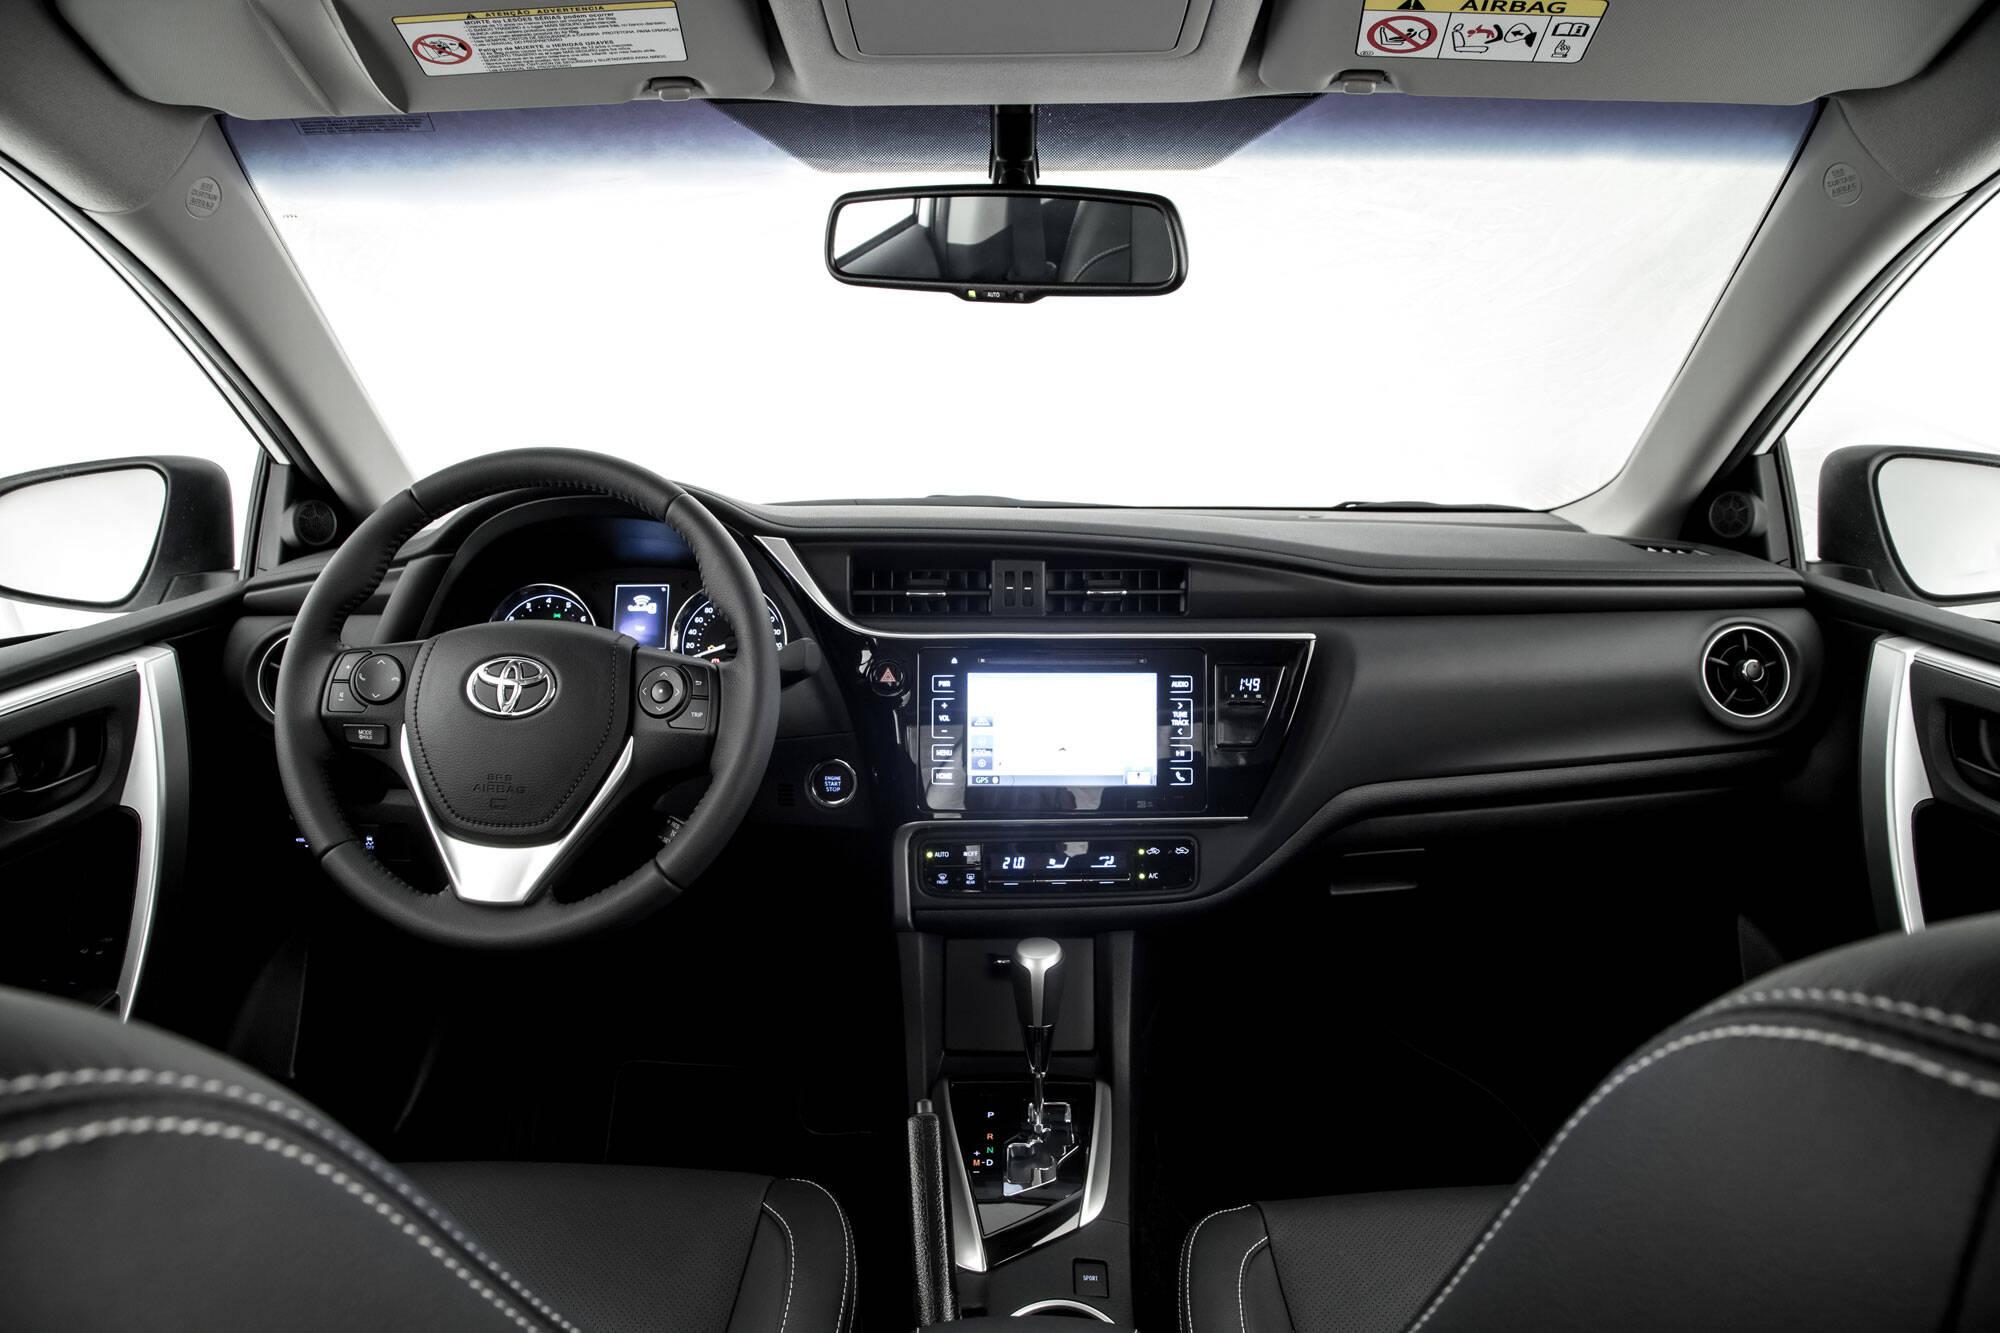 Toyota Corolla. Foto: Divulgação/Toyota